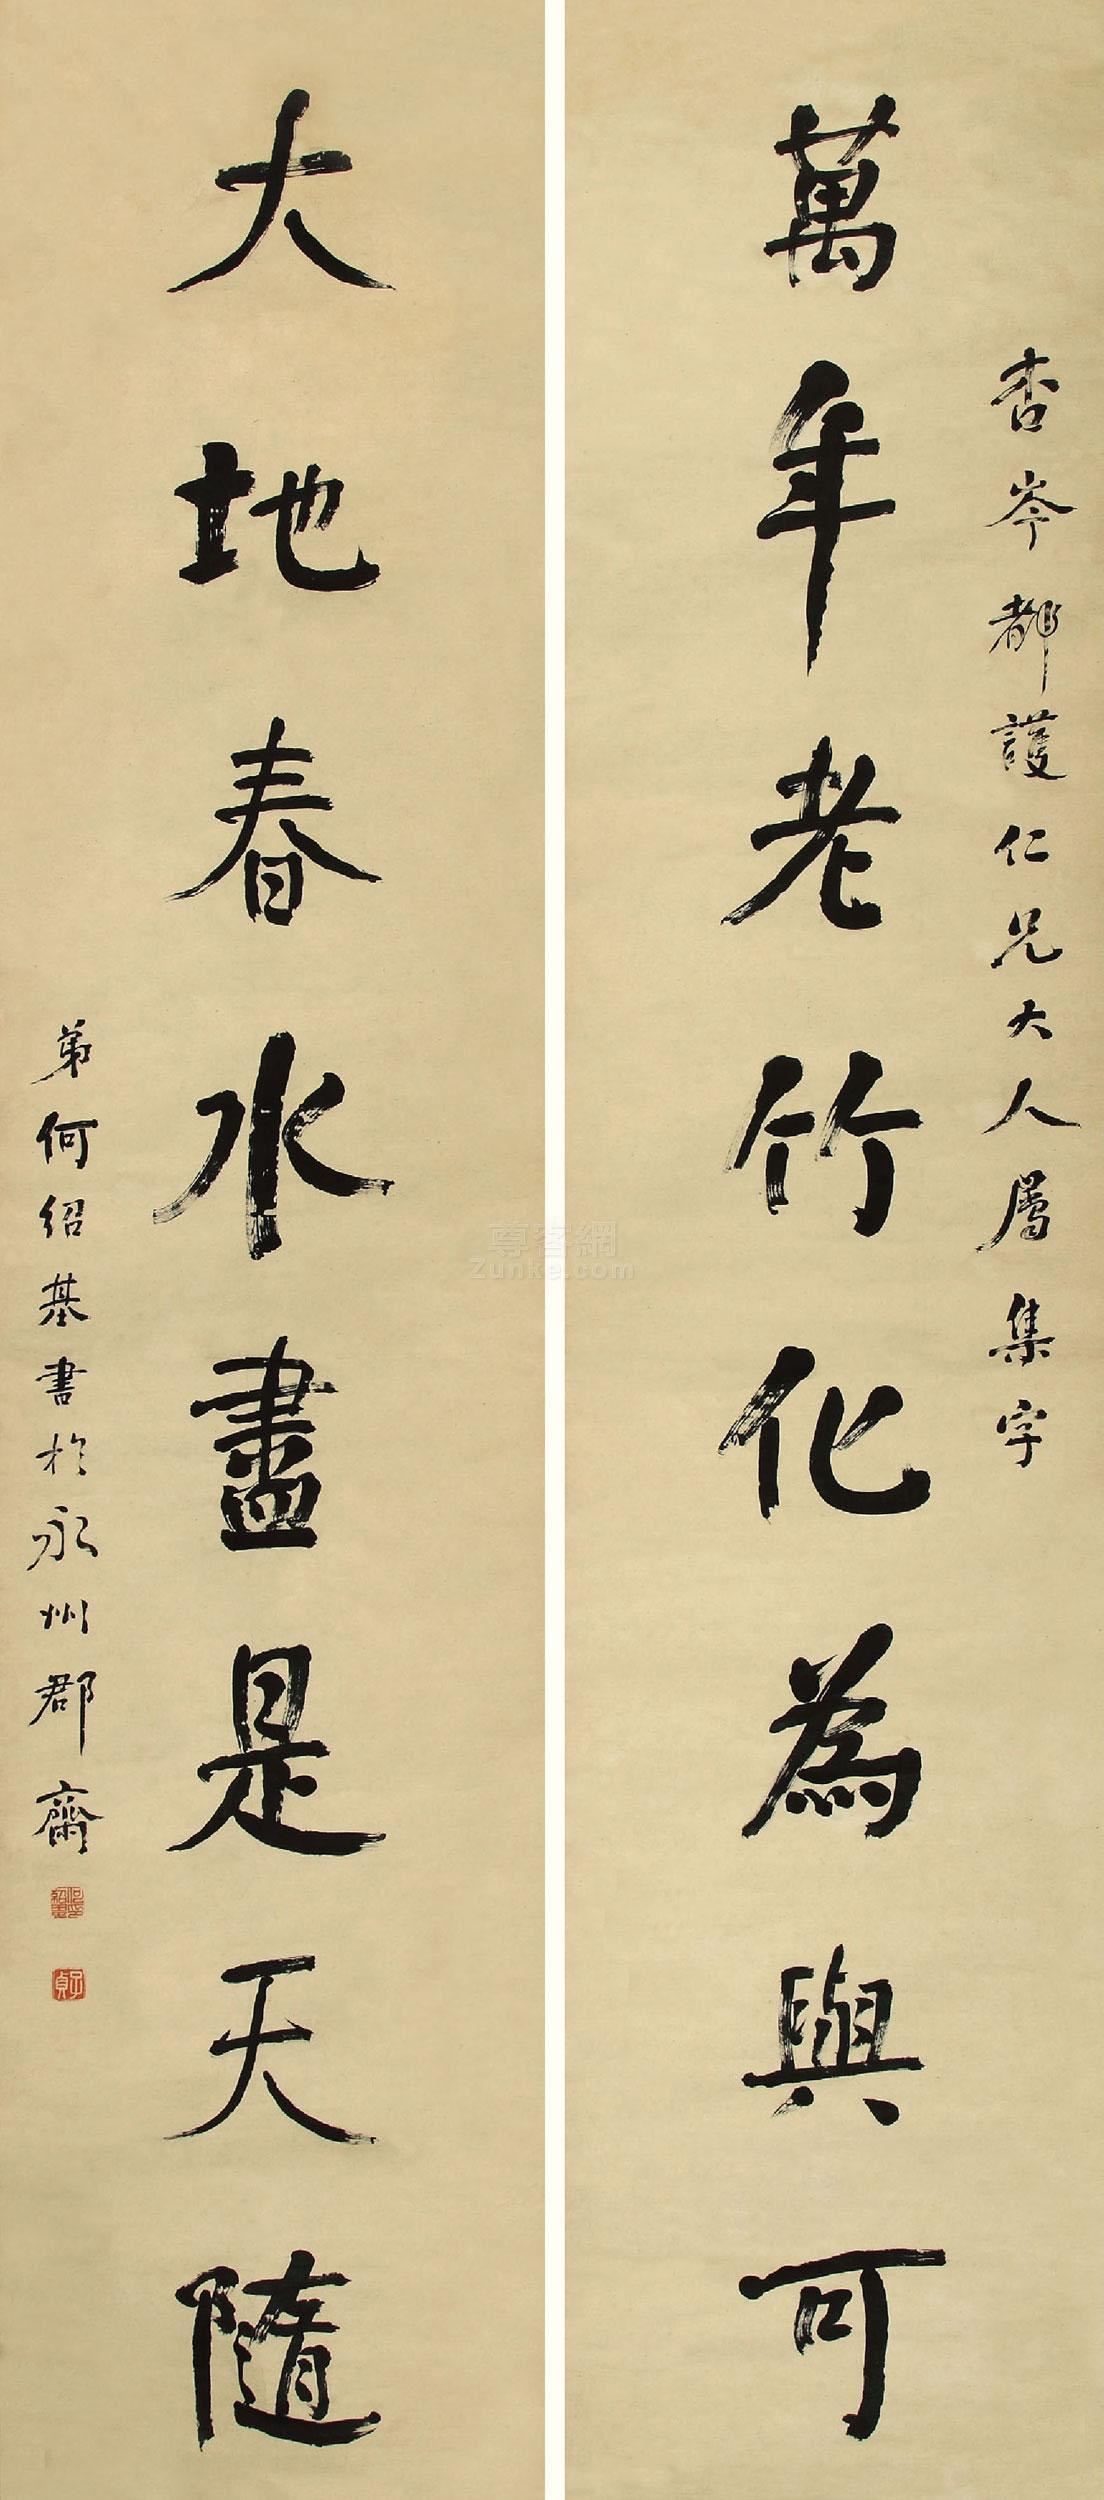 何绍基 楷书八言联 立轴 水墨纸本作品欣赏